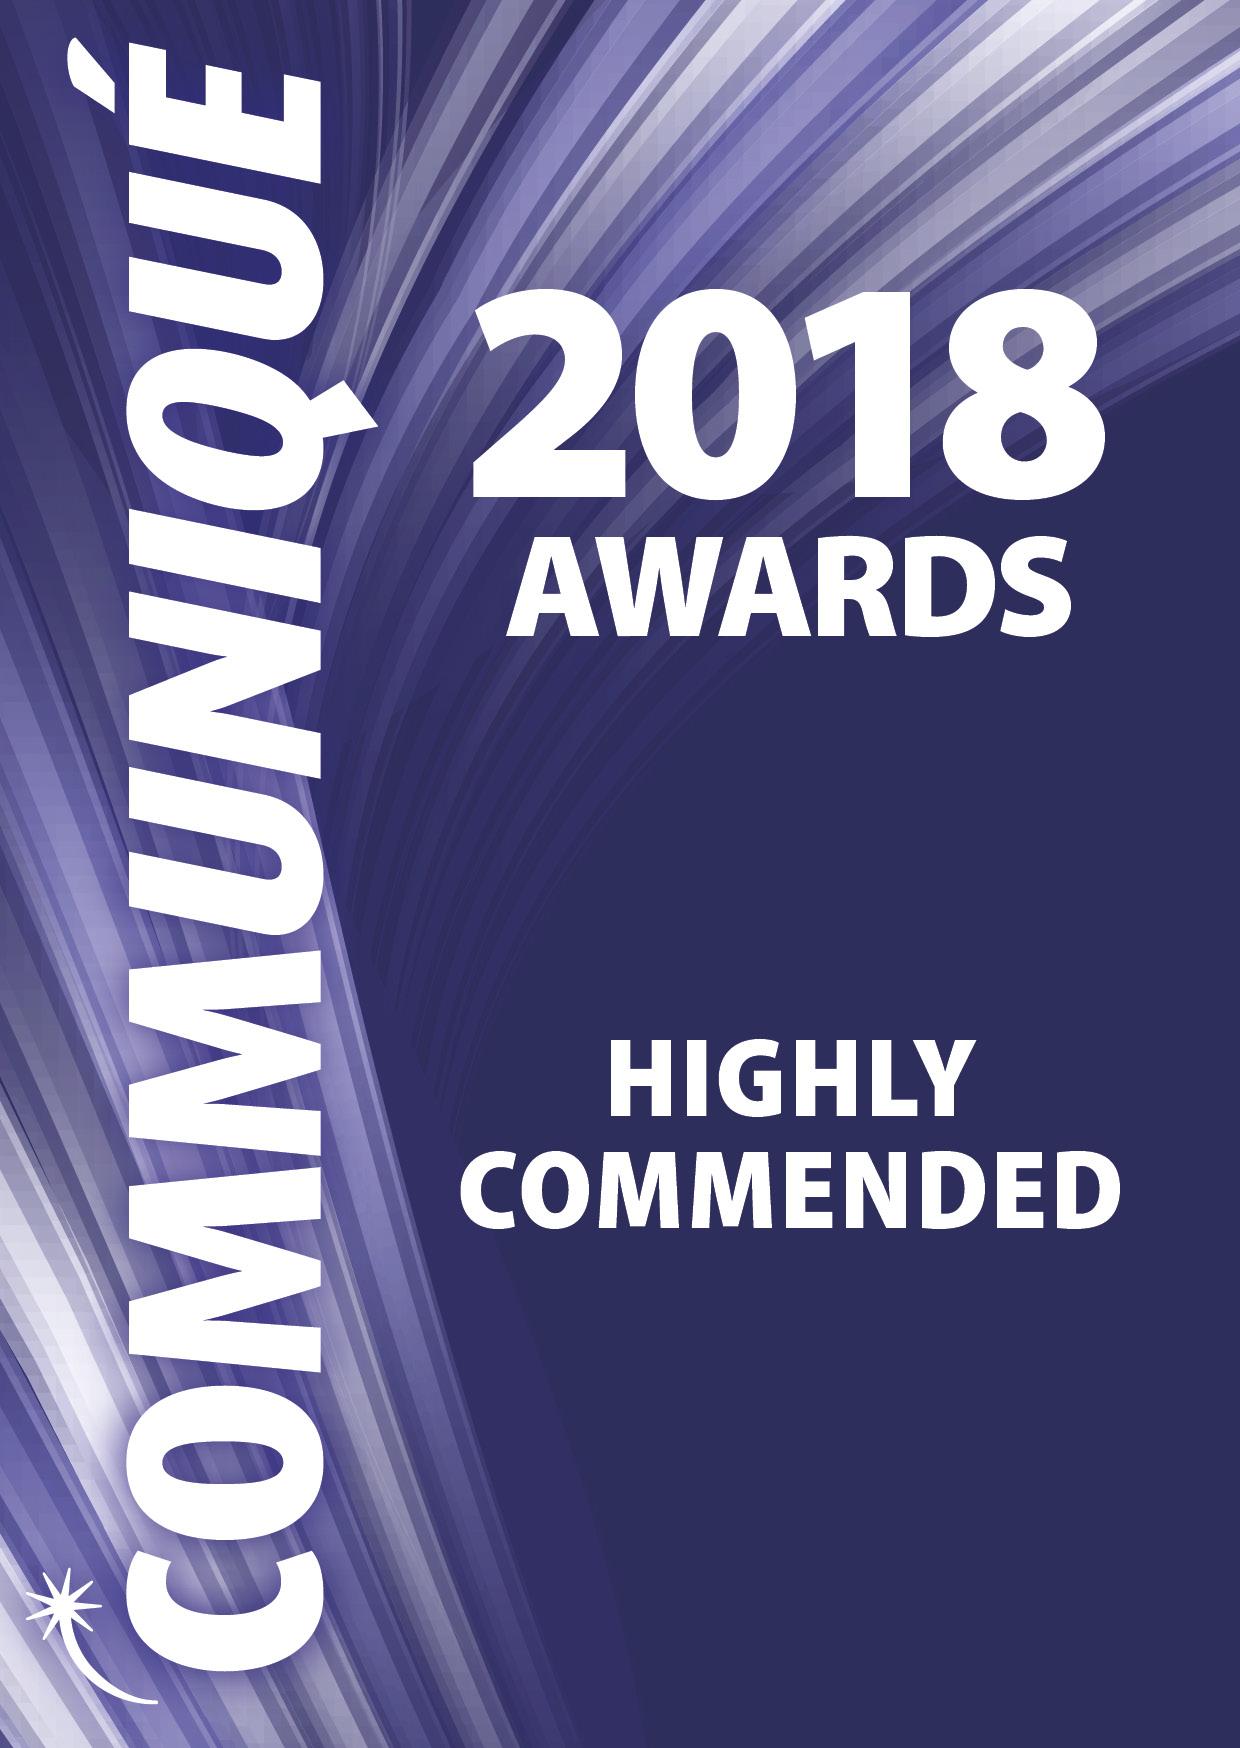 Communiqué 2018 awards